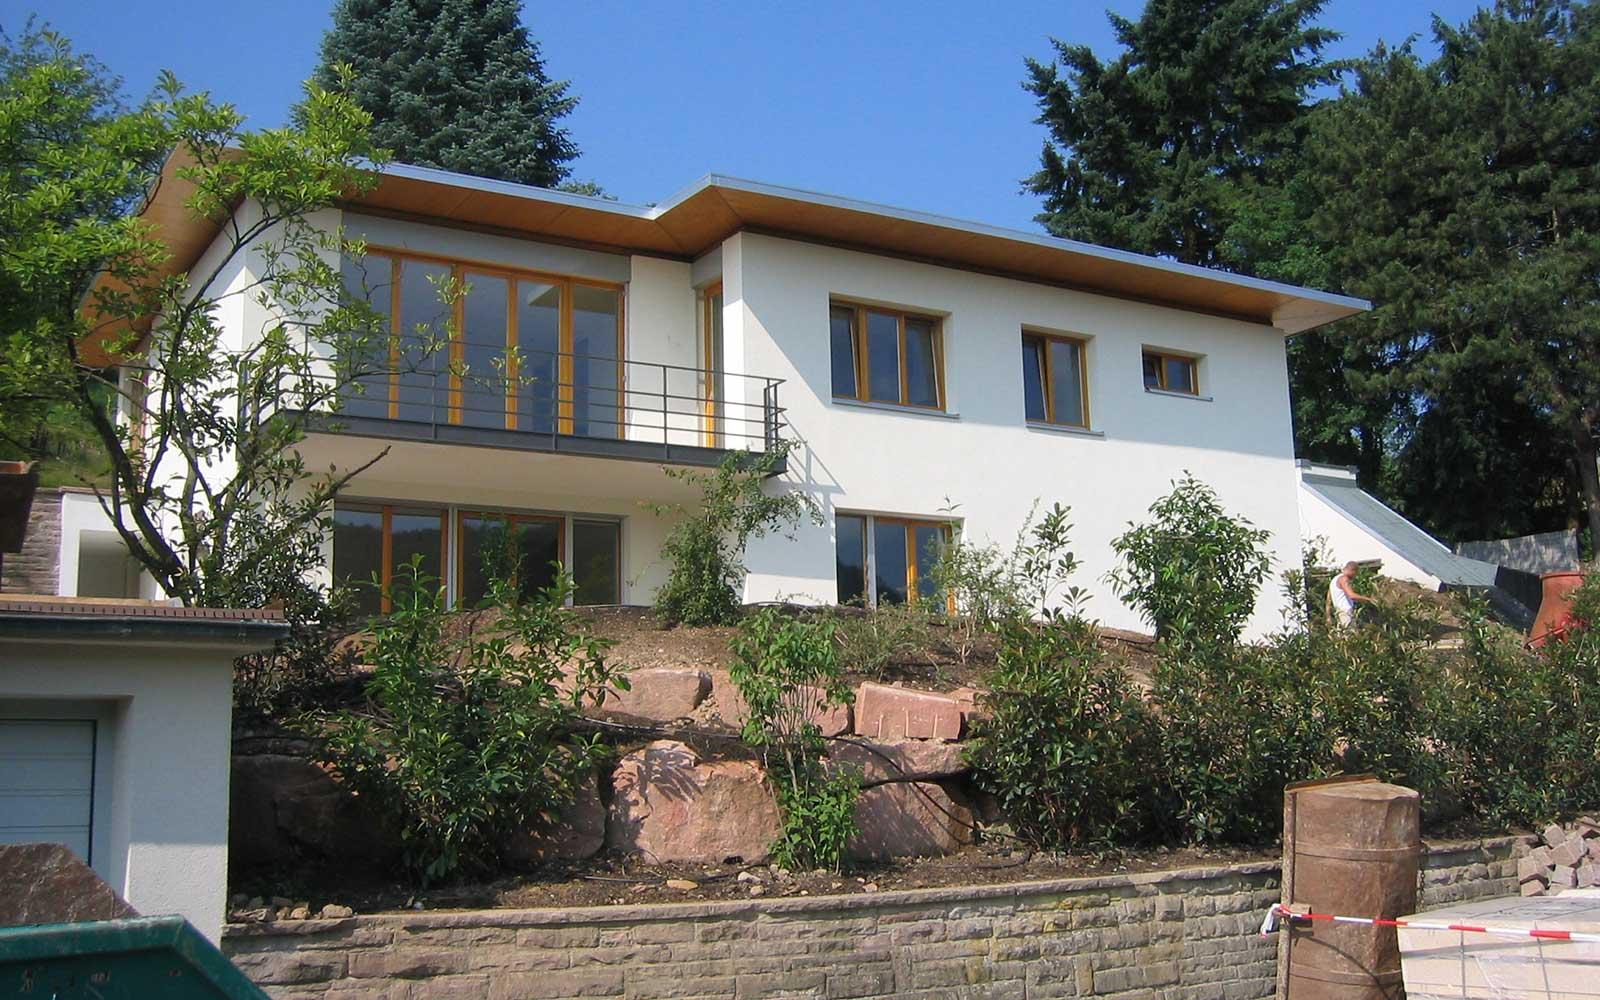 neubau ziegelhausen kochhan weckbach architekten heidelberg. Black Bedroom Furniture Sets. Home Design Ideas